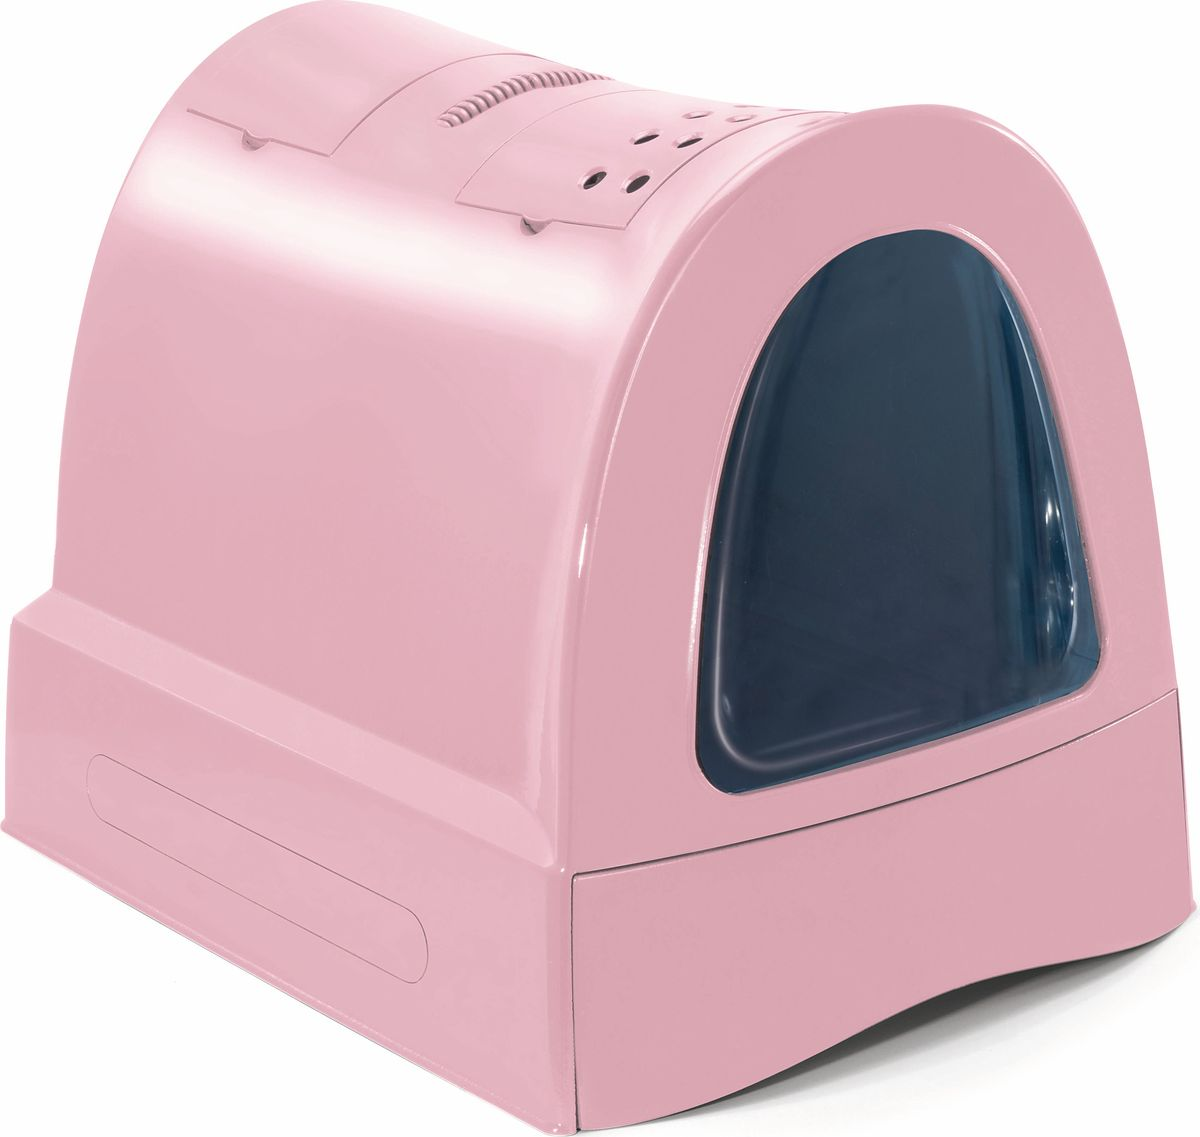 Туалет для кошек ImacZuma, закрытый, цвет: пепельно-розовый, 40 х 56 х 42,5 см83486Закрытый туалет для кошек Imac Zuma, объединивший в себе стильный дизайн и функциональные преимущества, выполнен из высококачественного пластика. Он довольно вместительный и напоминает домик. Туалет оснащен съемной рамой для установки гигиенического мешка, выдвижной ручкой, фильтром из активированного угля и совком, а также отделением для хранения гигиенических мешков. Такой туалет избавит ваш дом от неприятного запаха и разбросанных повсюду частичек наполнителя. Кошка в таком туалете будет чувствовать себя увереннее, ведь в этом укромном уголке ее никто не увидит. Кроме того, яркий дизайн с легкостью впишется в интерьер вашего дома.